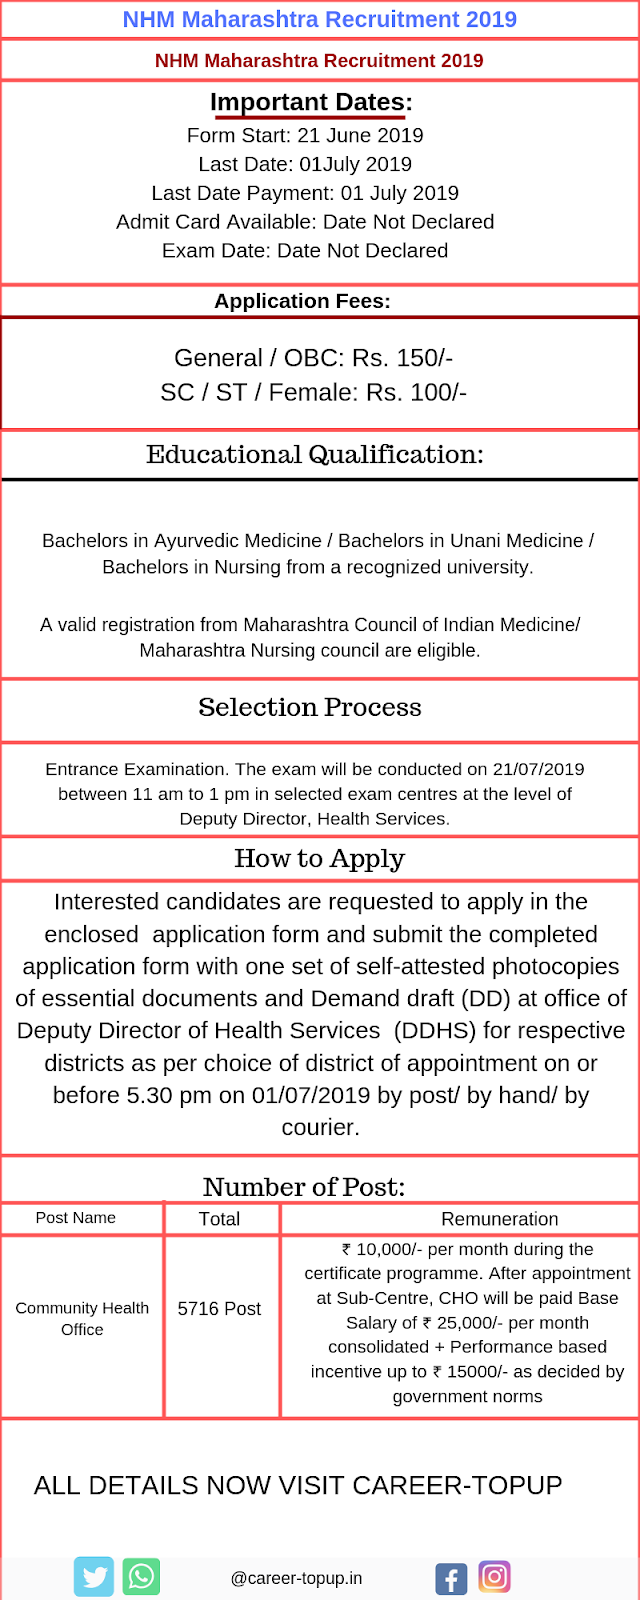 NHM Maharashtra Recruitment 2019 Form..